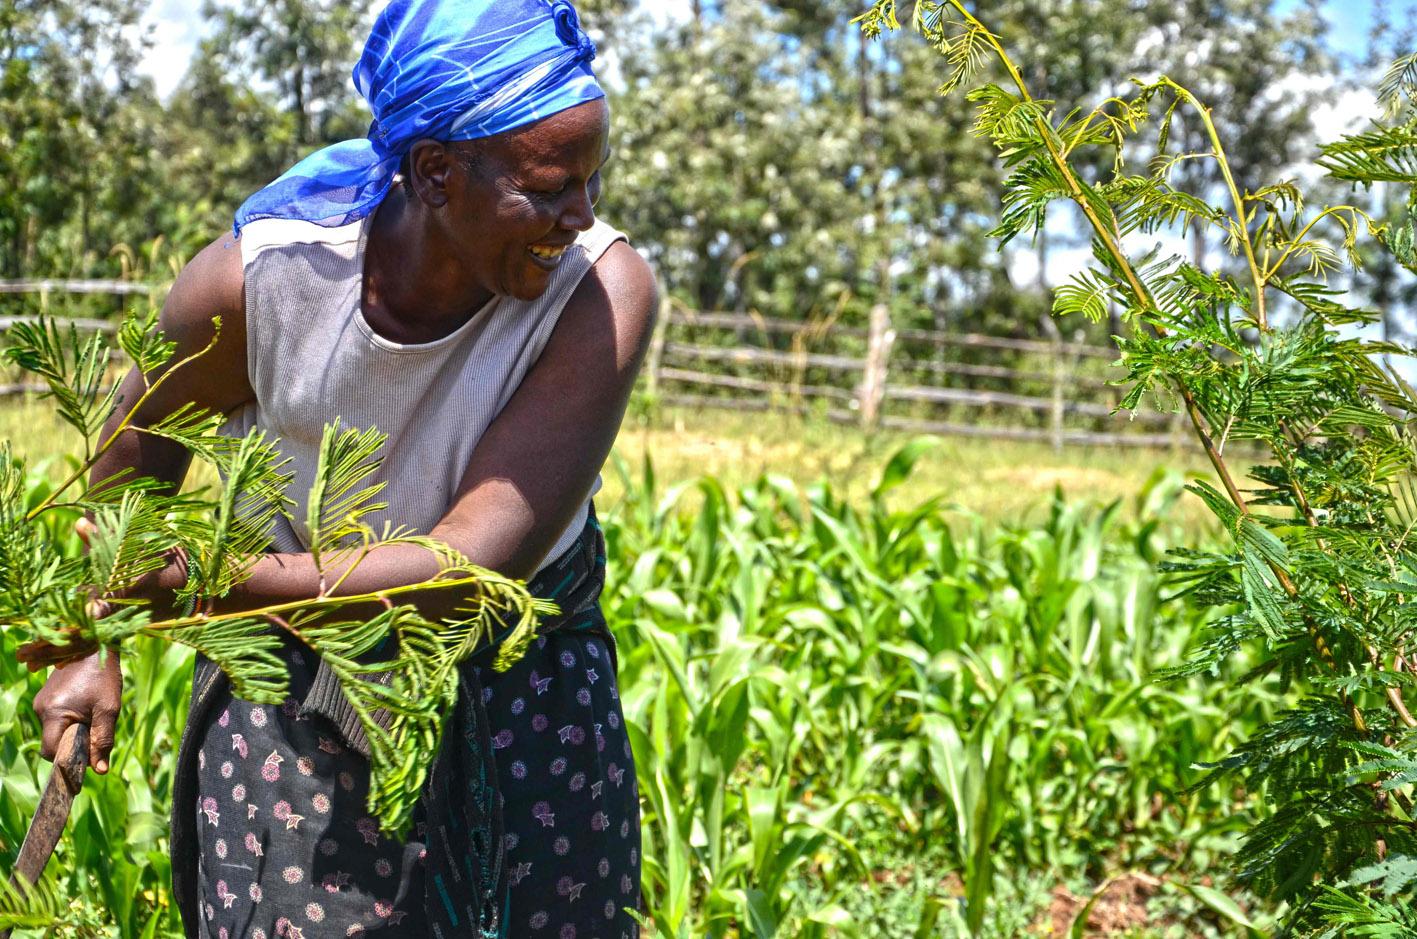 RoseKoech-farmer-Bomet_Kenya-sm